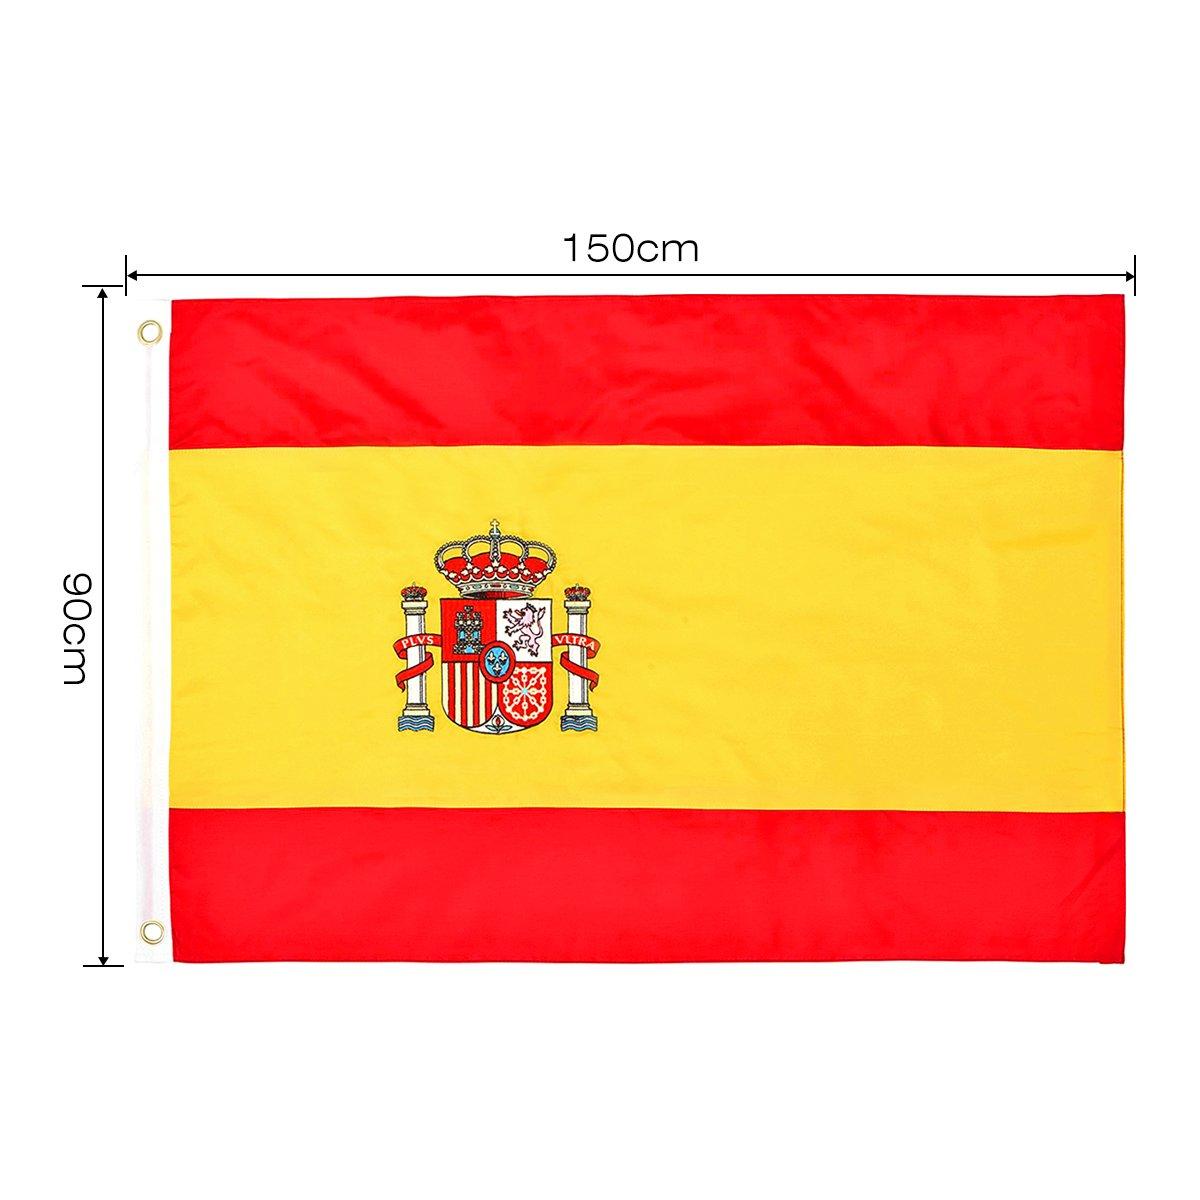 Bandera de España 150×90cm para La Decoración del Lugar Parezca Más Juvenil de Bandera Española: Amazon.es: Juguetes y juegos